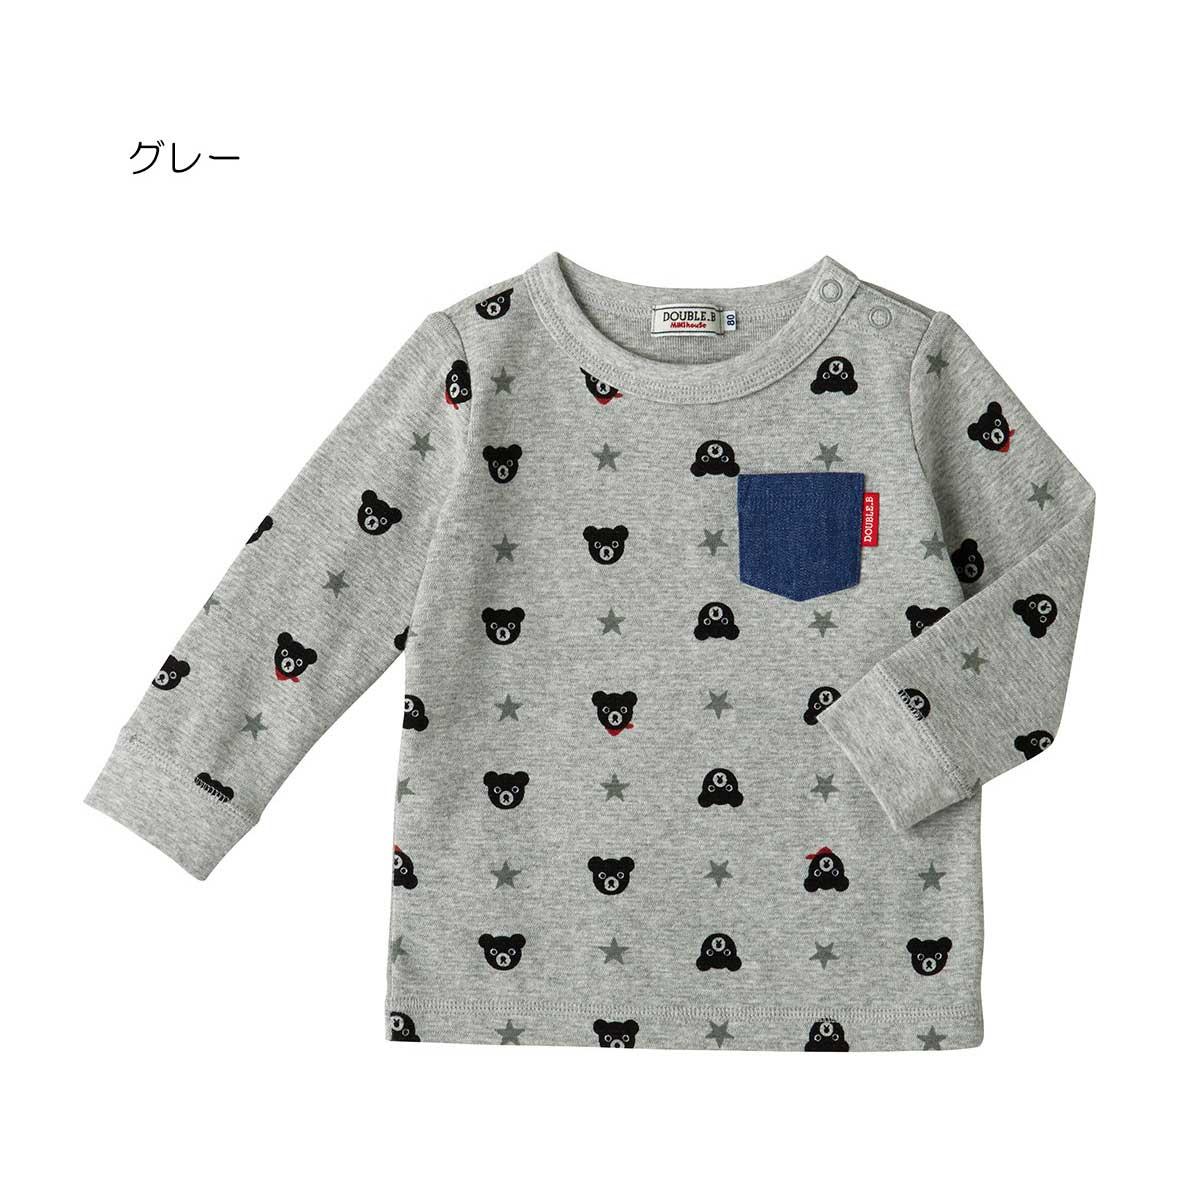 【海外販売専用】ダブルビー デニムポケット付き総柄長袖Tシャツ DOUBLE_B (80cm・90cm・100cm)【63-5201-261】 CPN